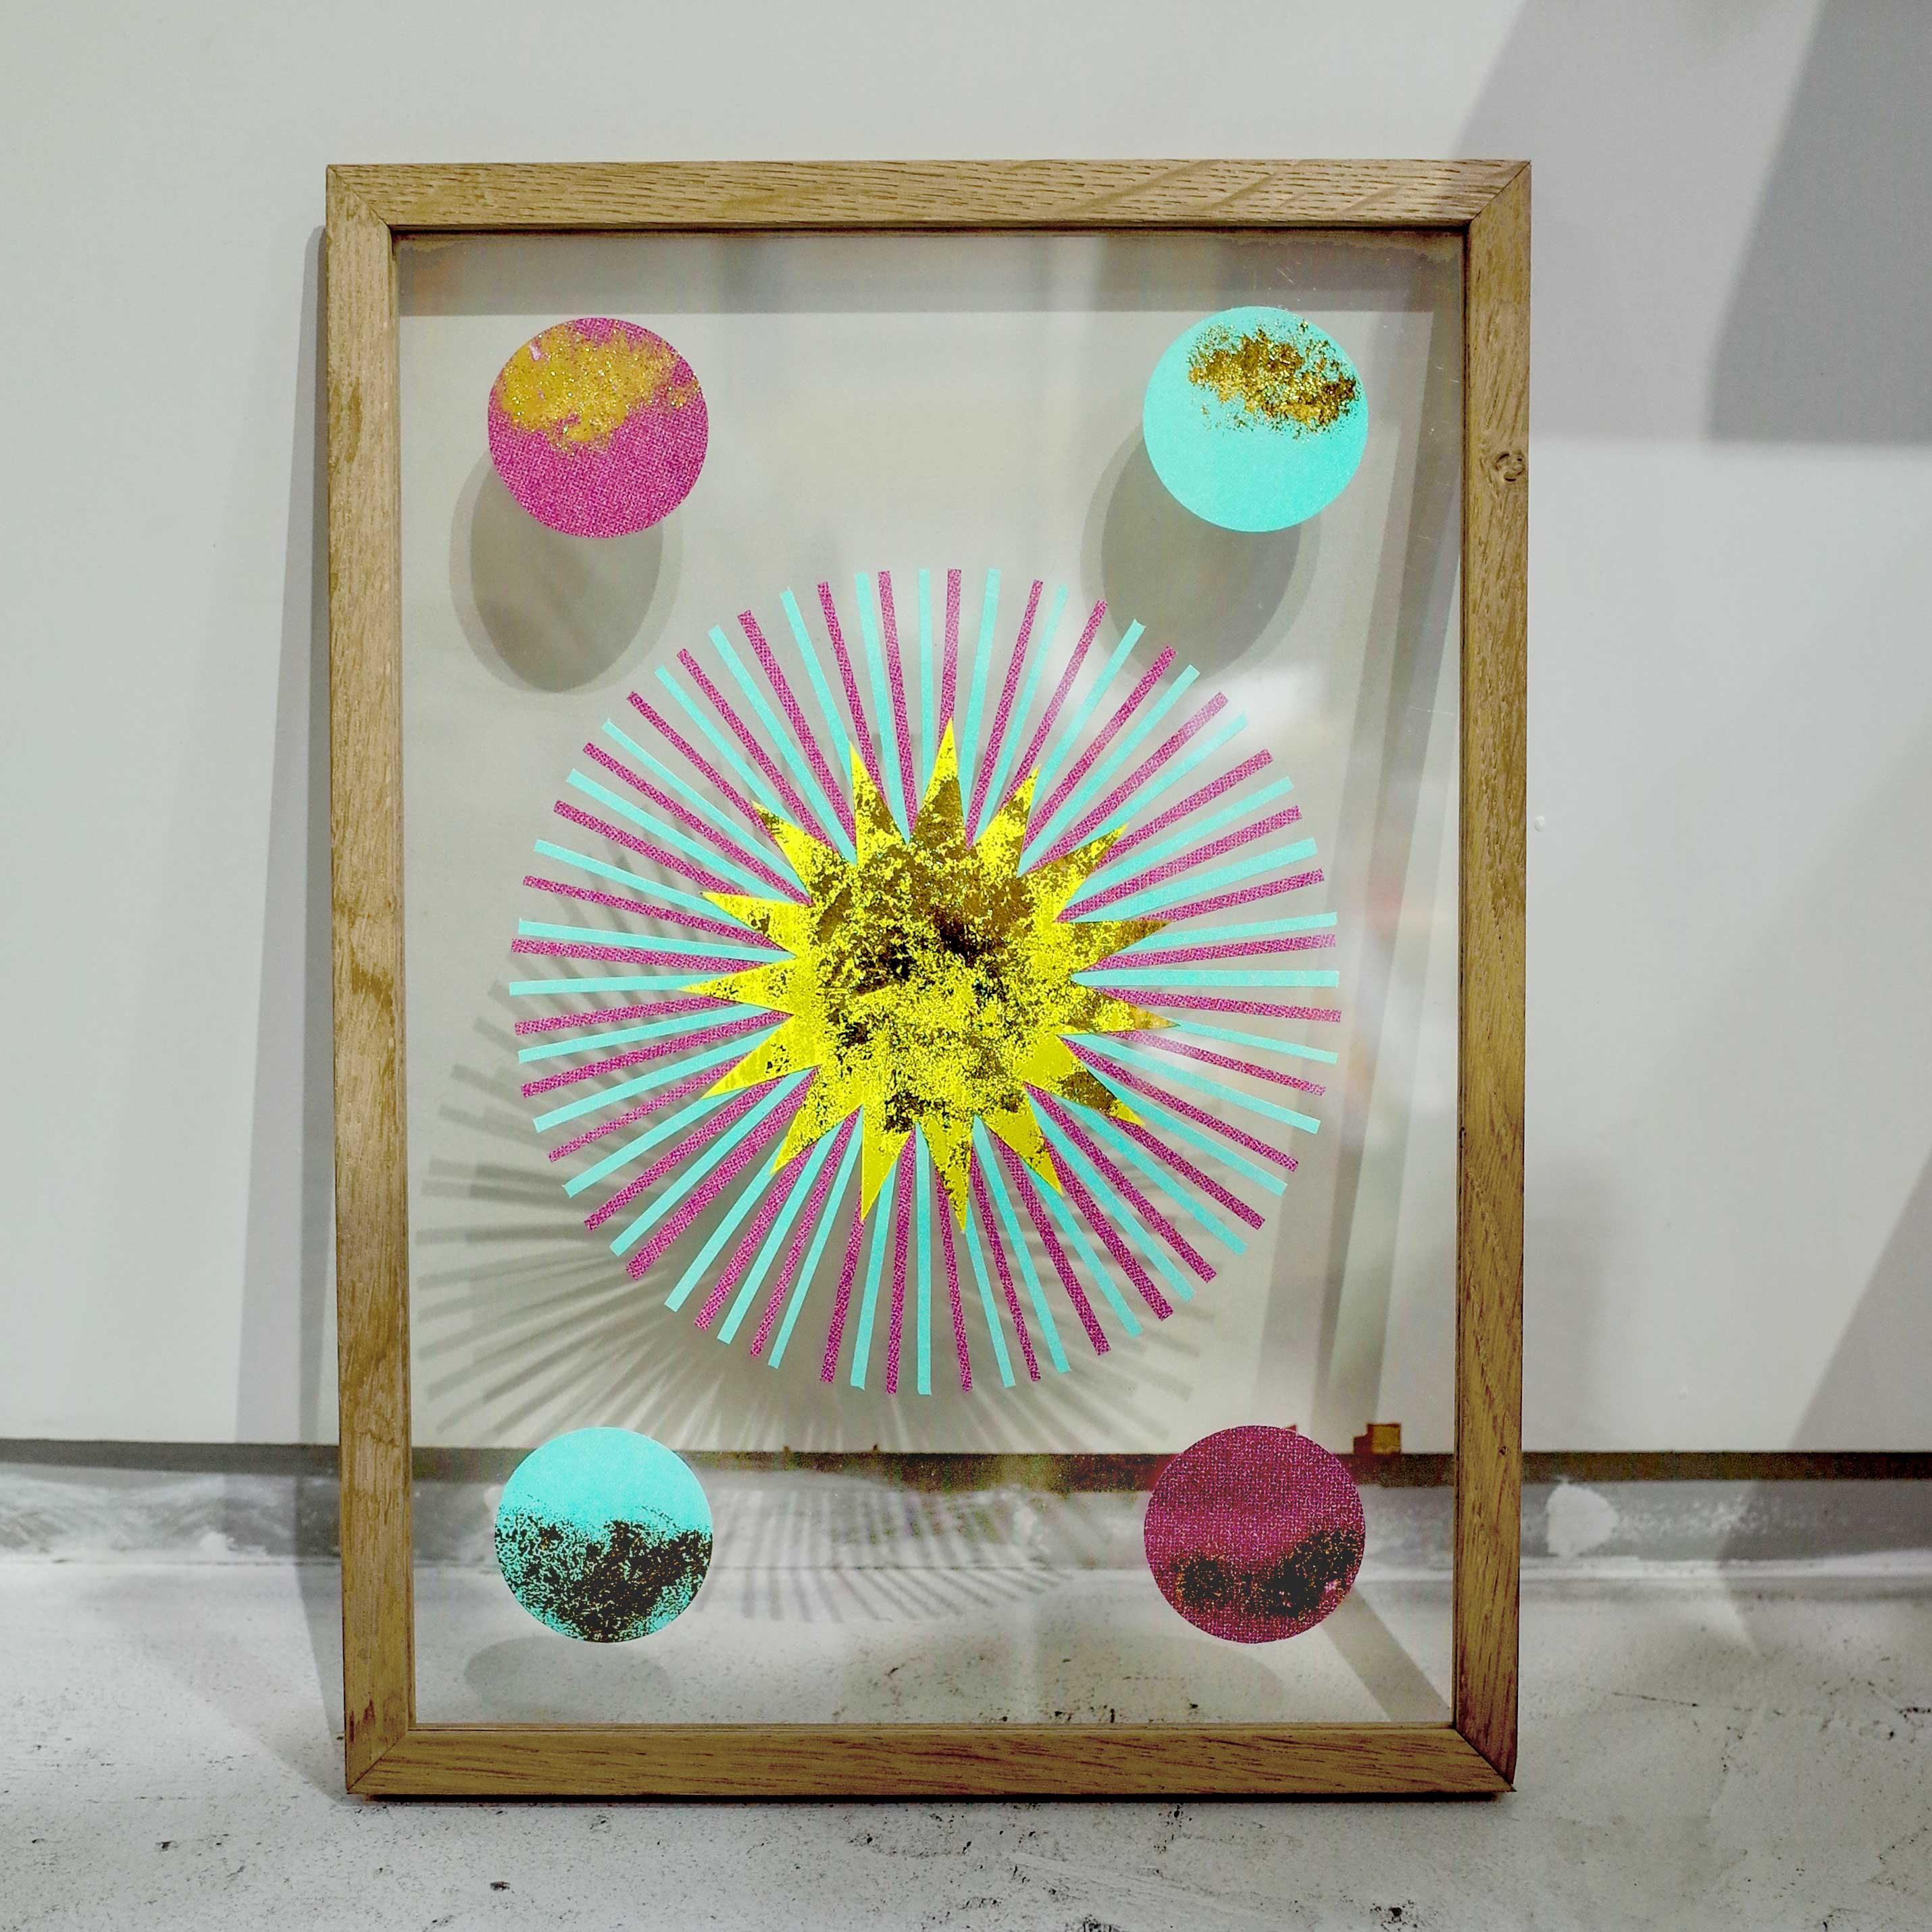 開催中【 MAMESUKI  Exhibition 】光をテーマにしたリソグラフのペーパーアート